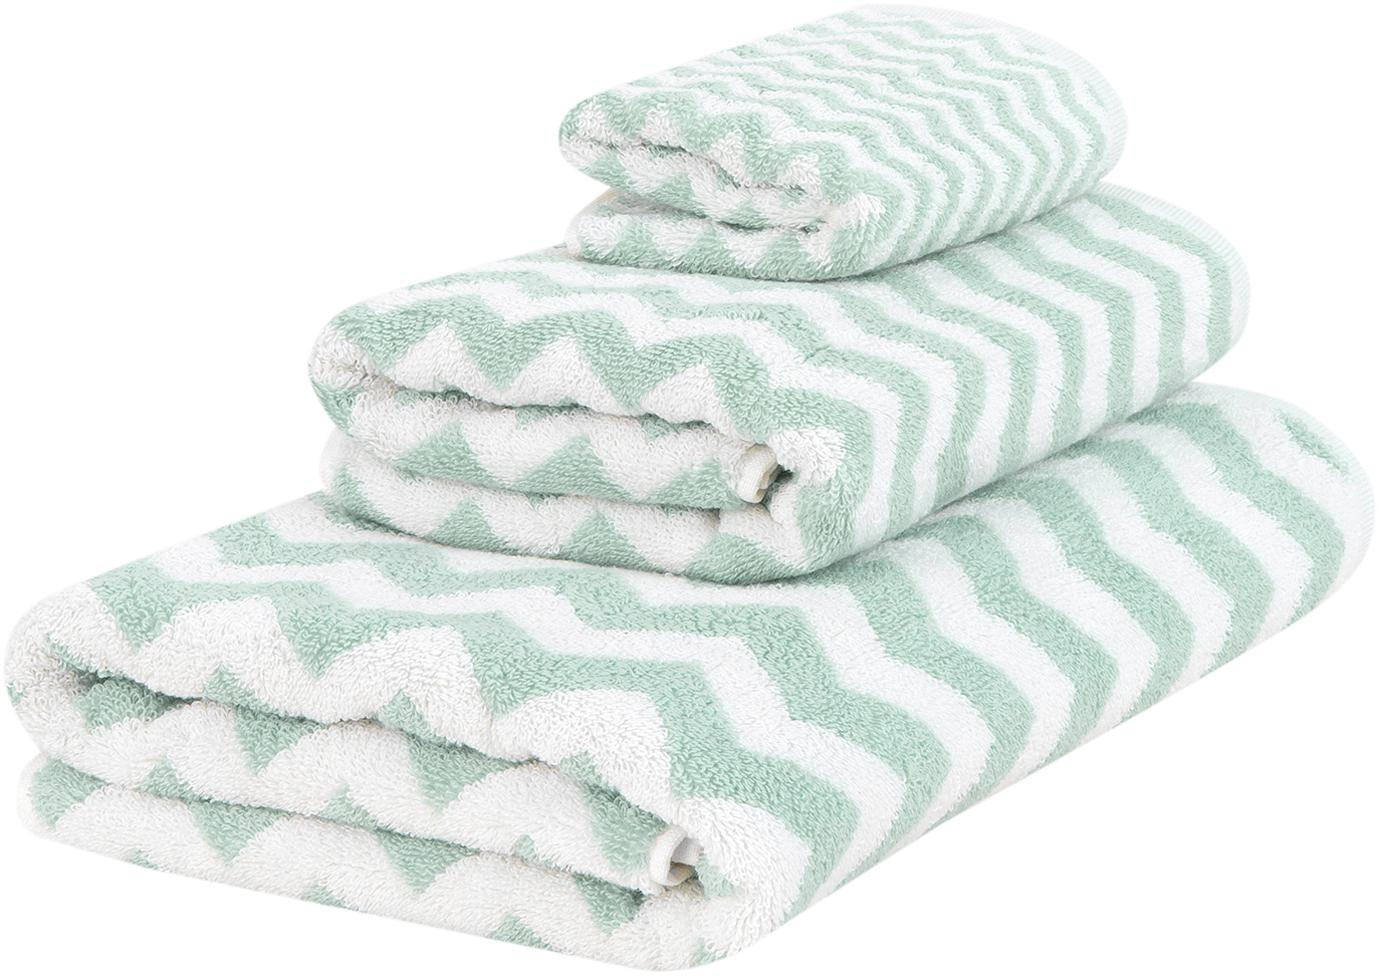 Handtuch-Set Liv mit Zickzack-Muster, 3-tlg., Mintgrün, Cremeweiß, Sondergrößen